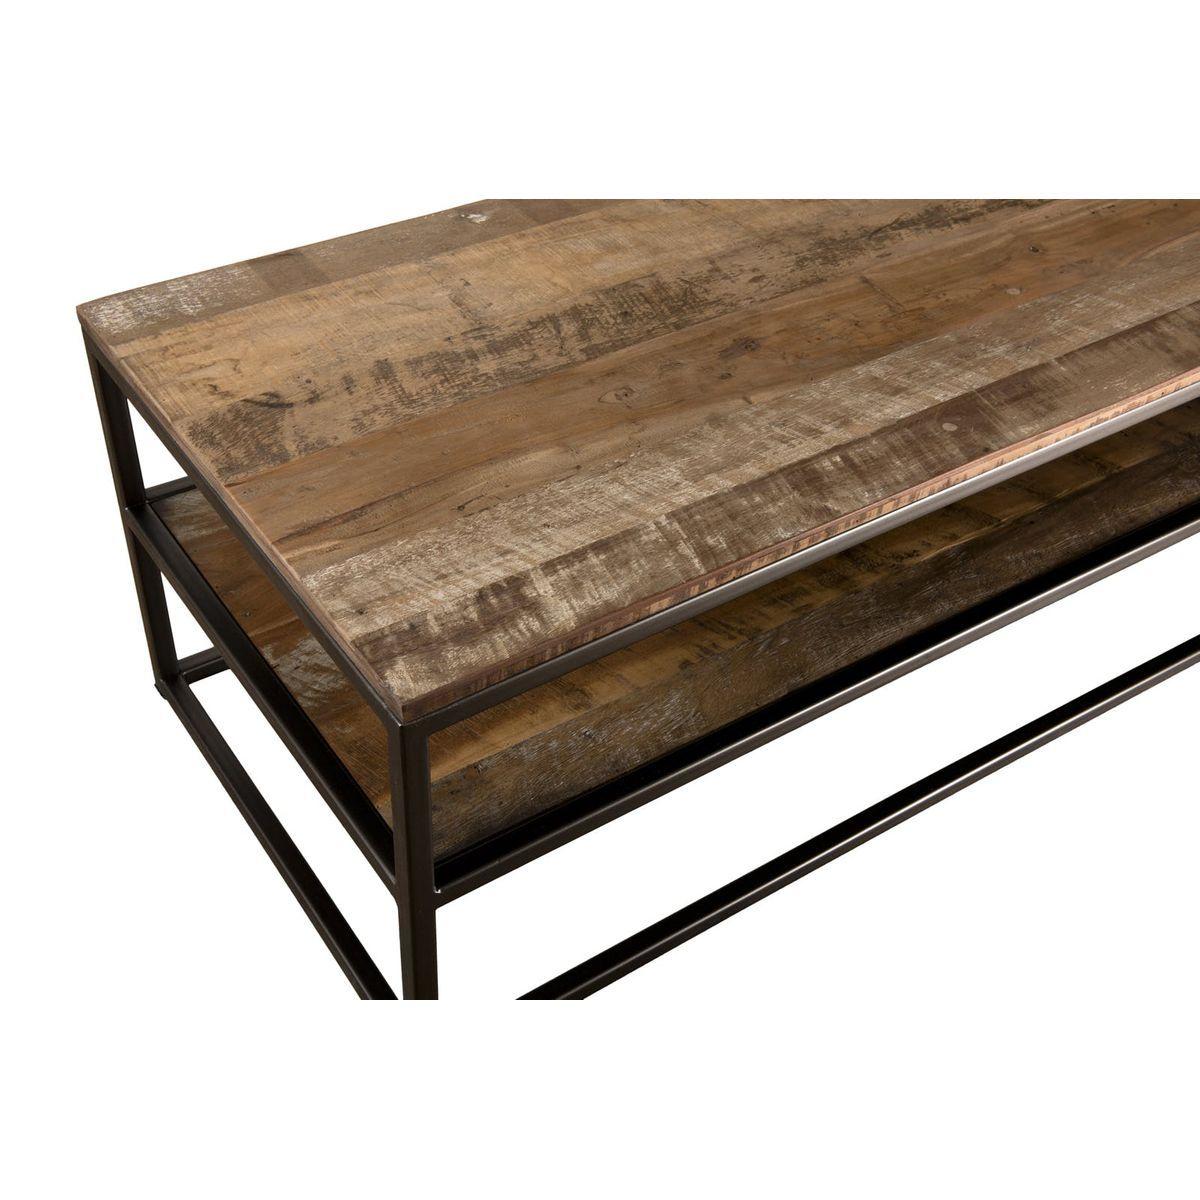 Table Basse Contemporaine Bois Et Metal 3 Plateaux 150x50cm Swing